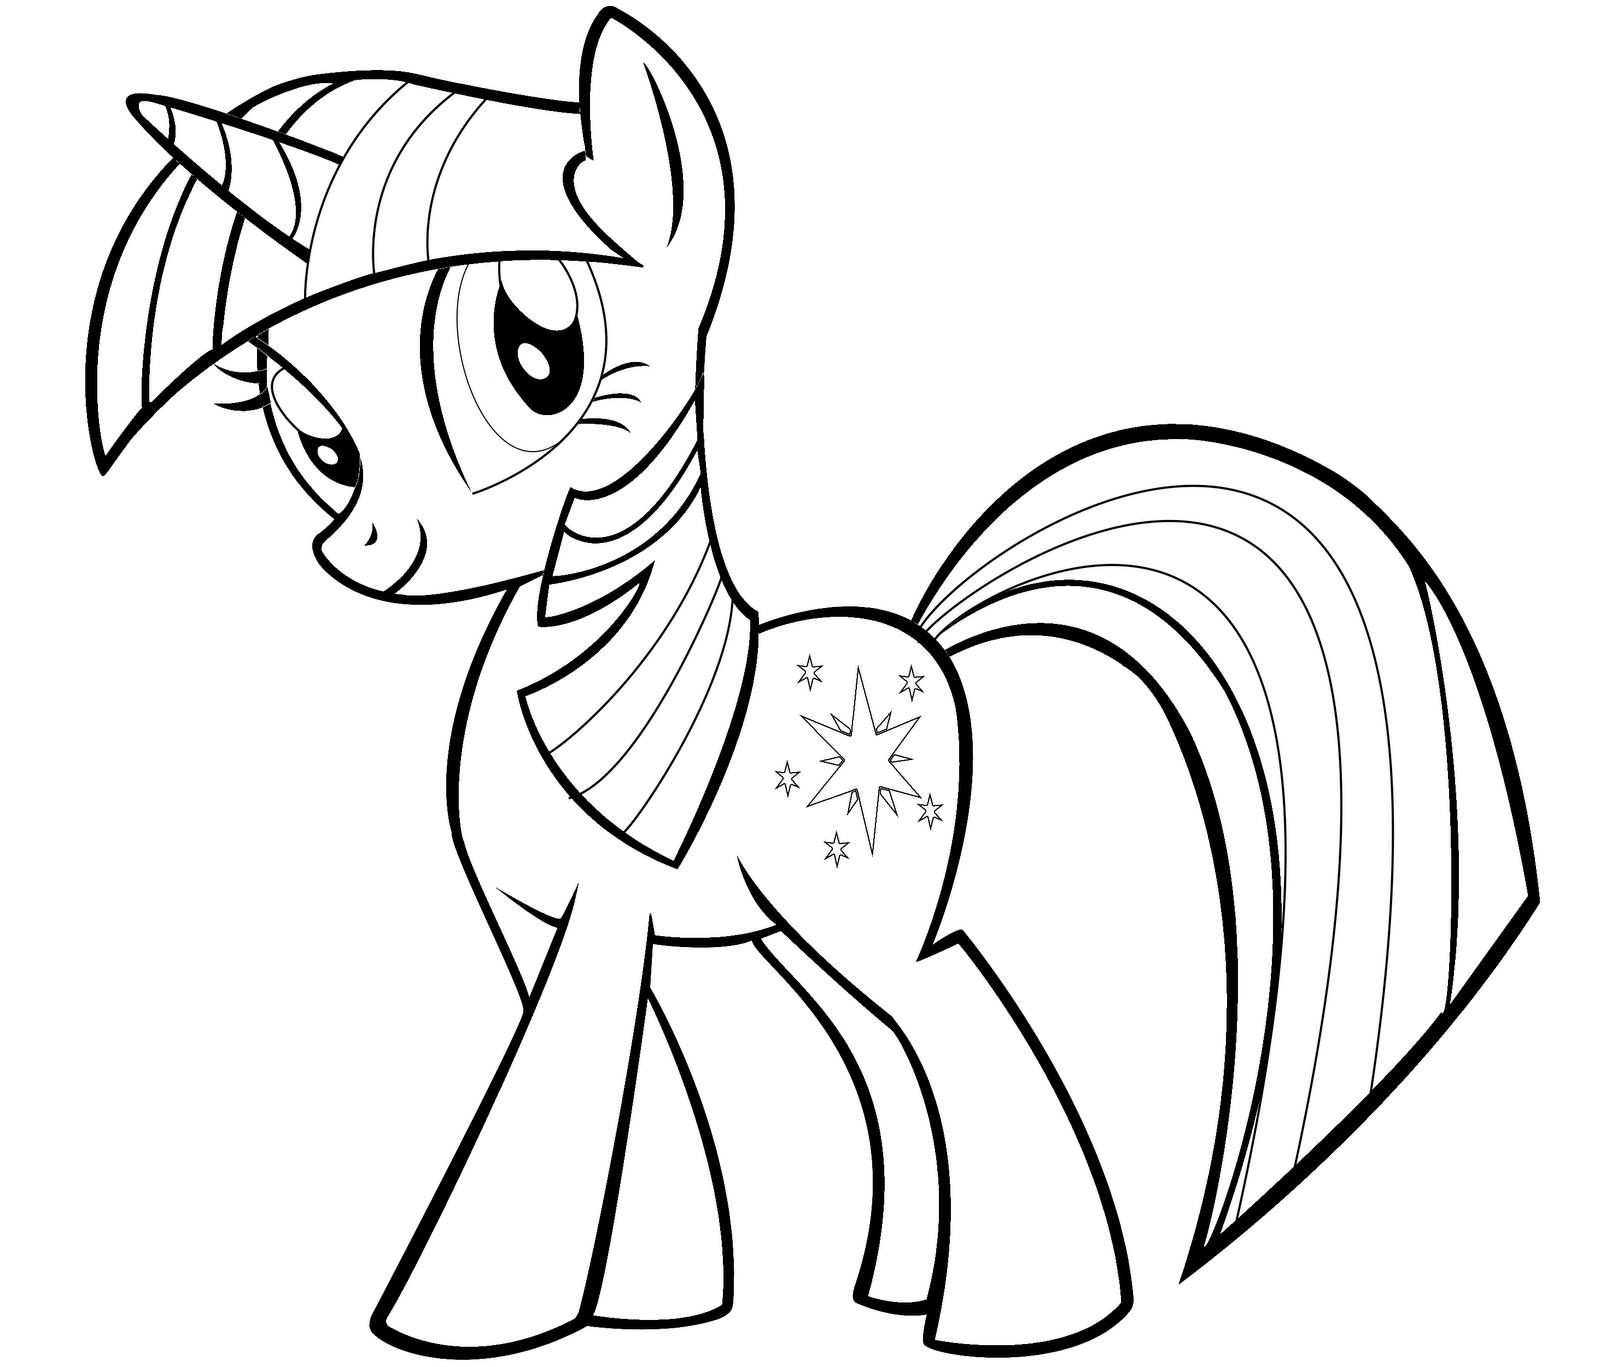 Resultado De Imagen Para Molde Twilight Sparkle Foami Pared My Little Pony Twilight Aniversario Do My Little Pony Paginas Para Colorir